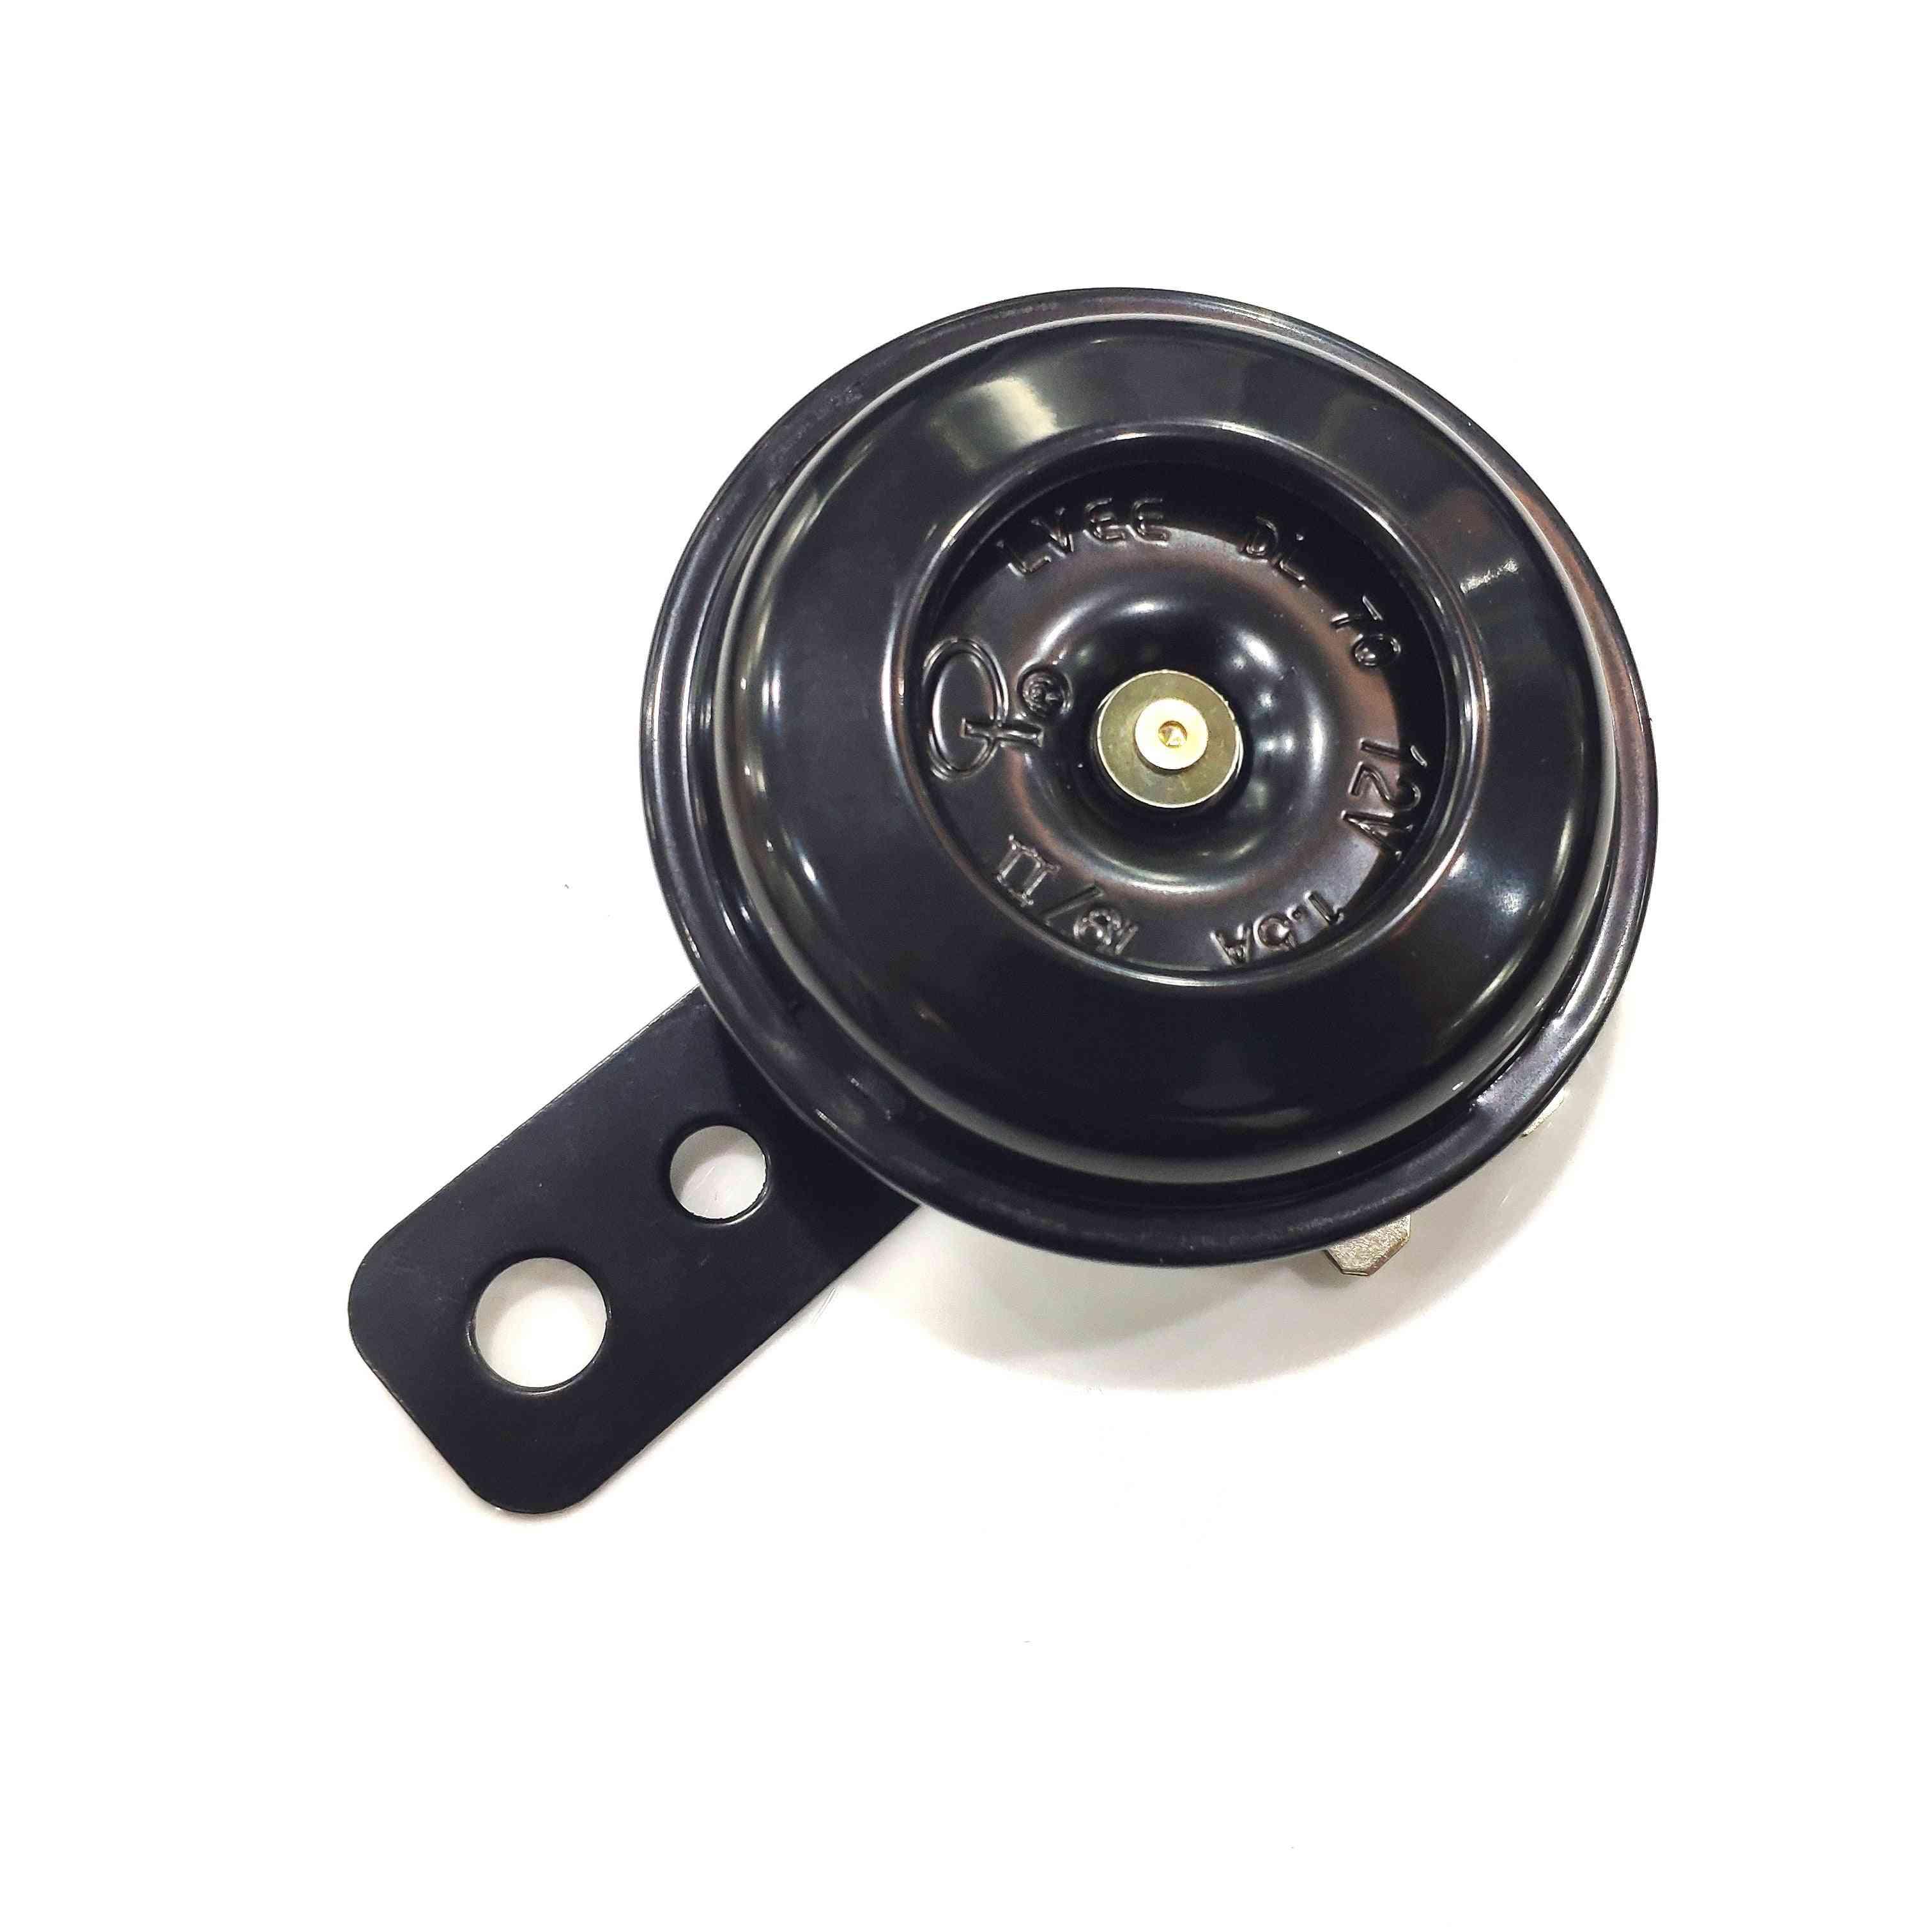 Waterproof Electric, Loud Sound Motorcycle Horn